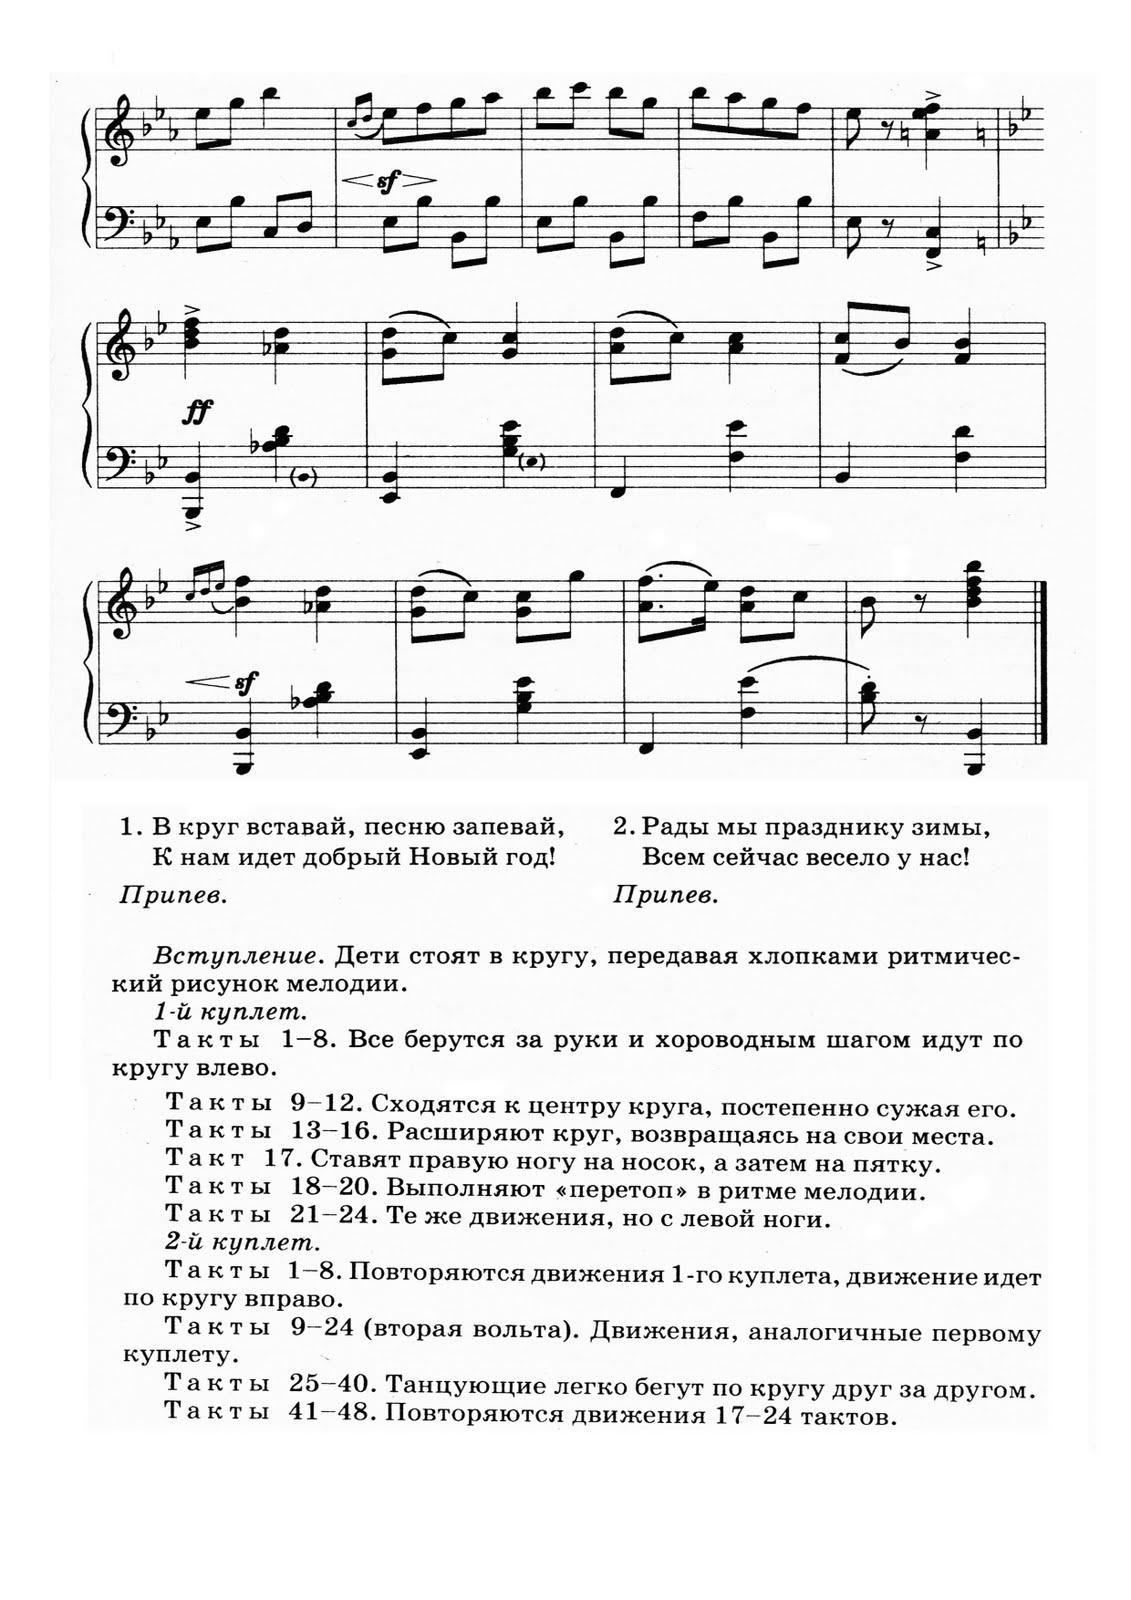 ПЕСНЯ С НАМИ ДРУГ ВМЕСТЕ ЗАПЕВАЙ ПЕСНЮ.. ПЛЮС И МИНУС СКАЧАТЬ БЕСПЛАТНО